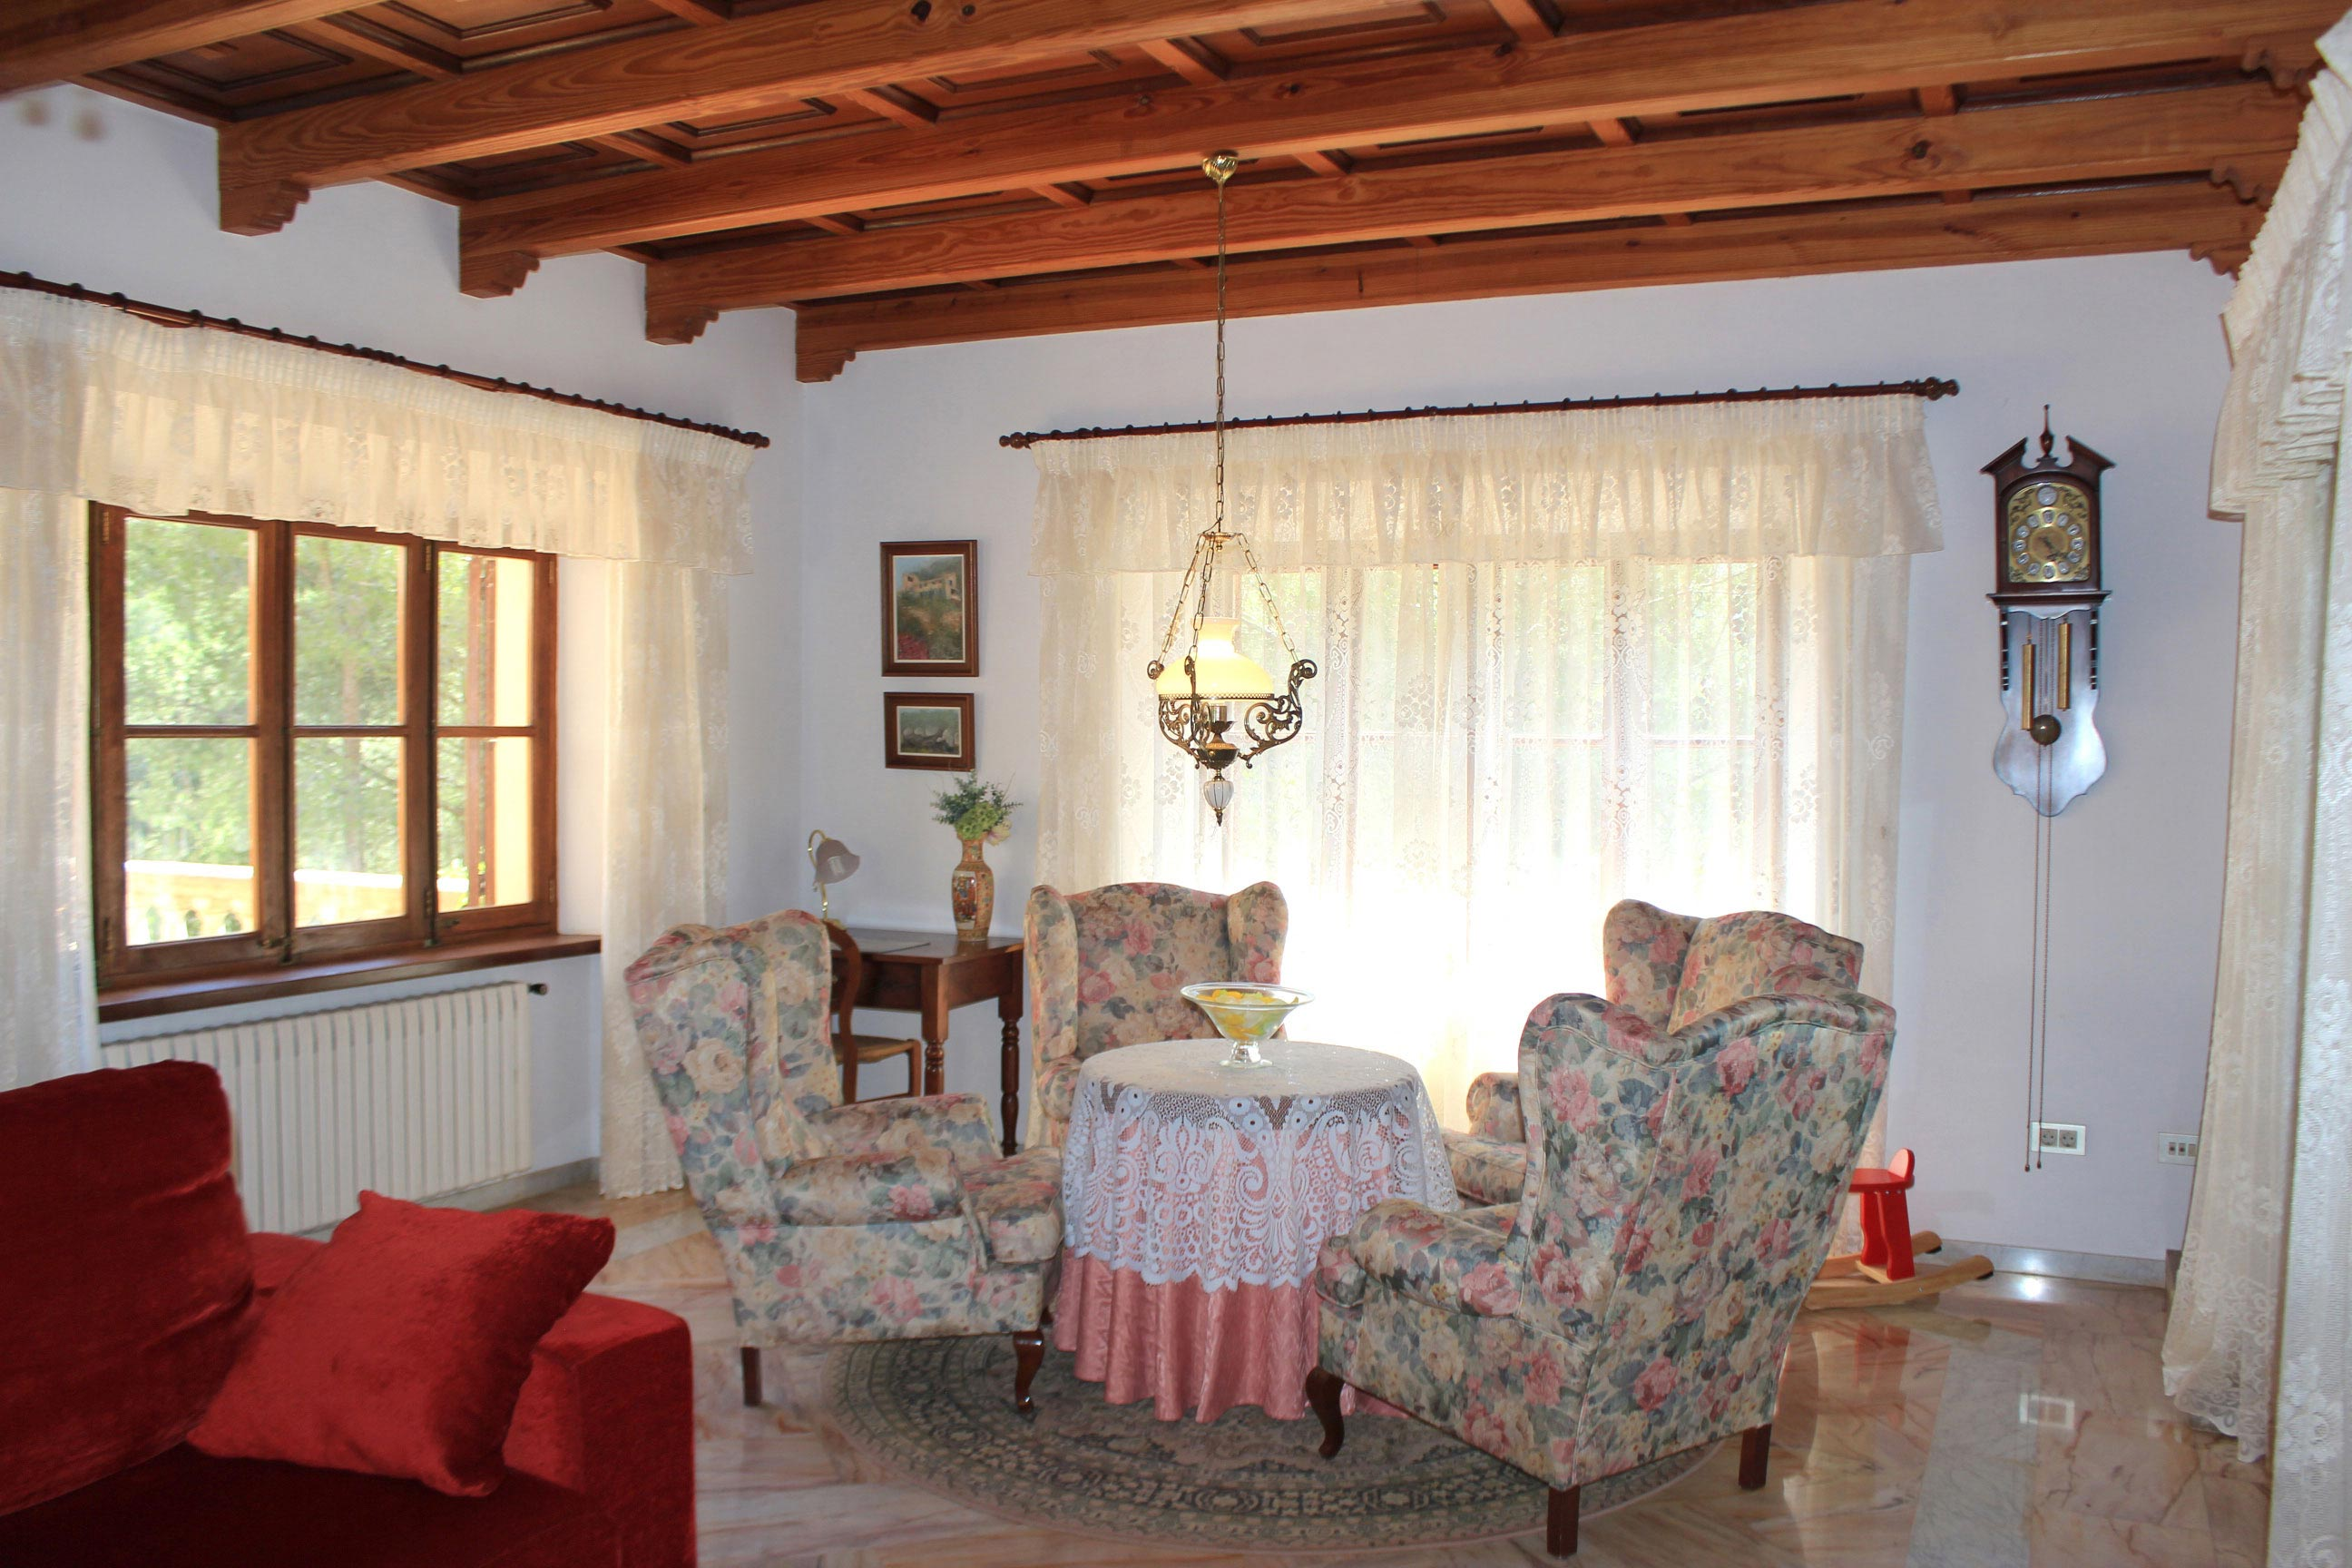 Images de la propriété immobilière de Beaucoup de place pour une grande famille...